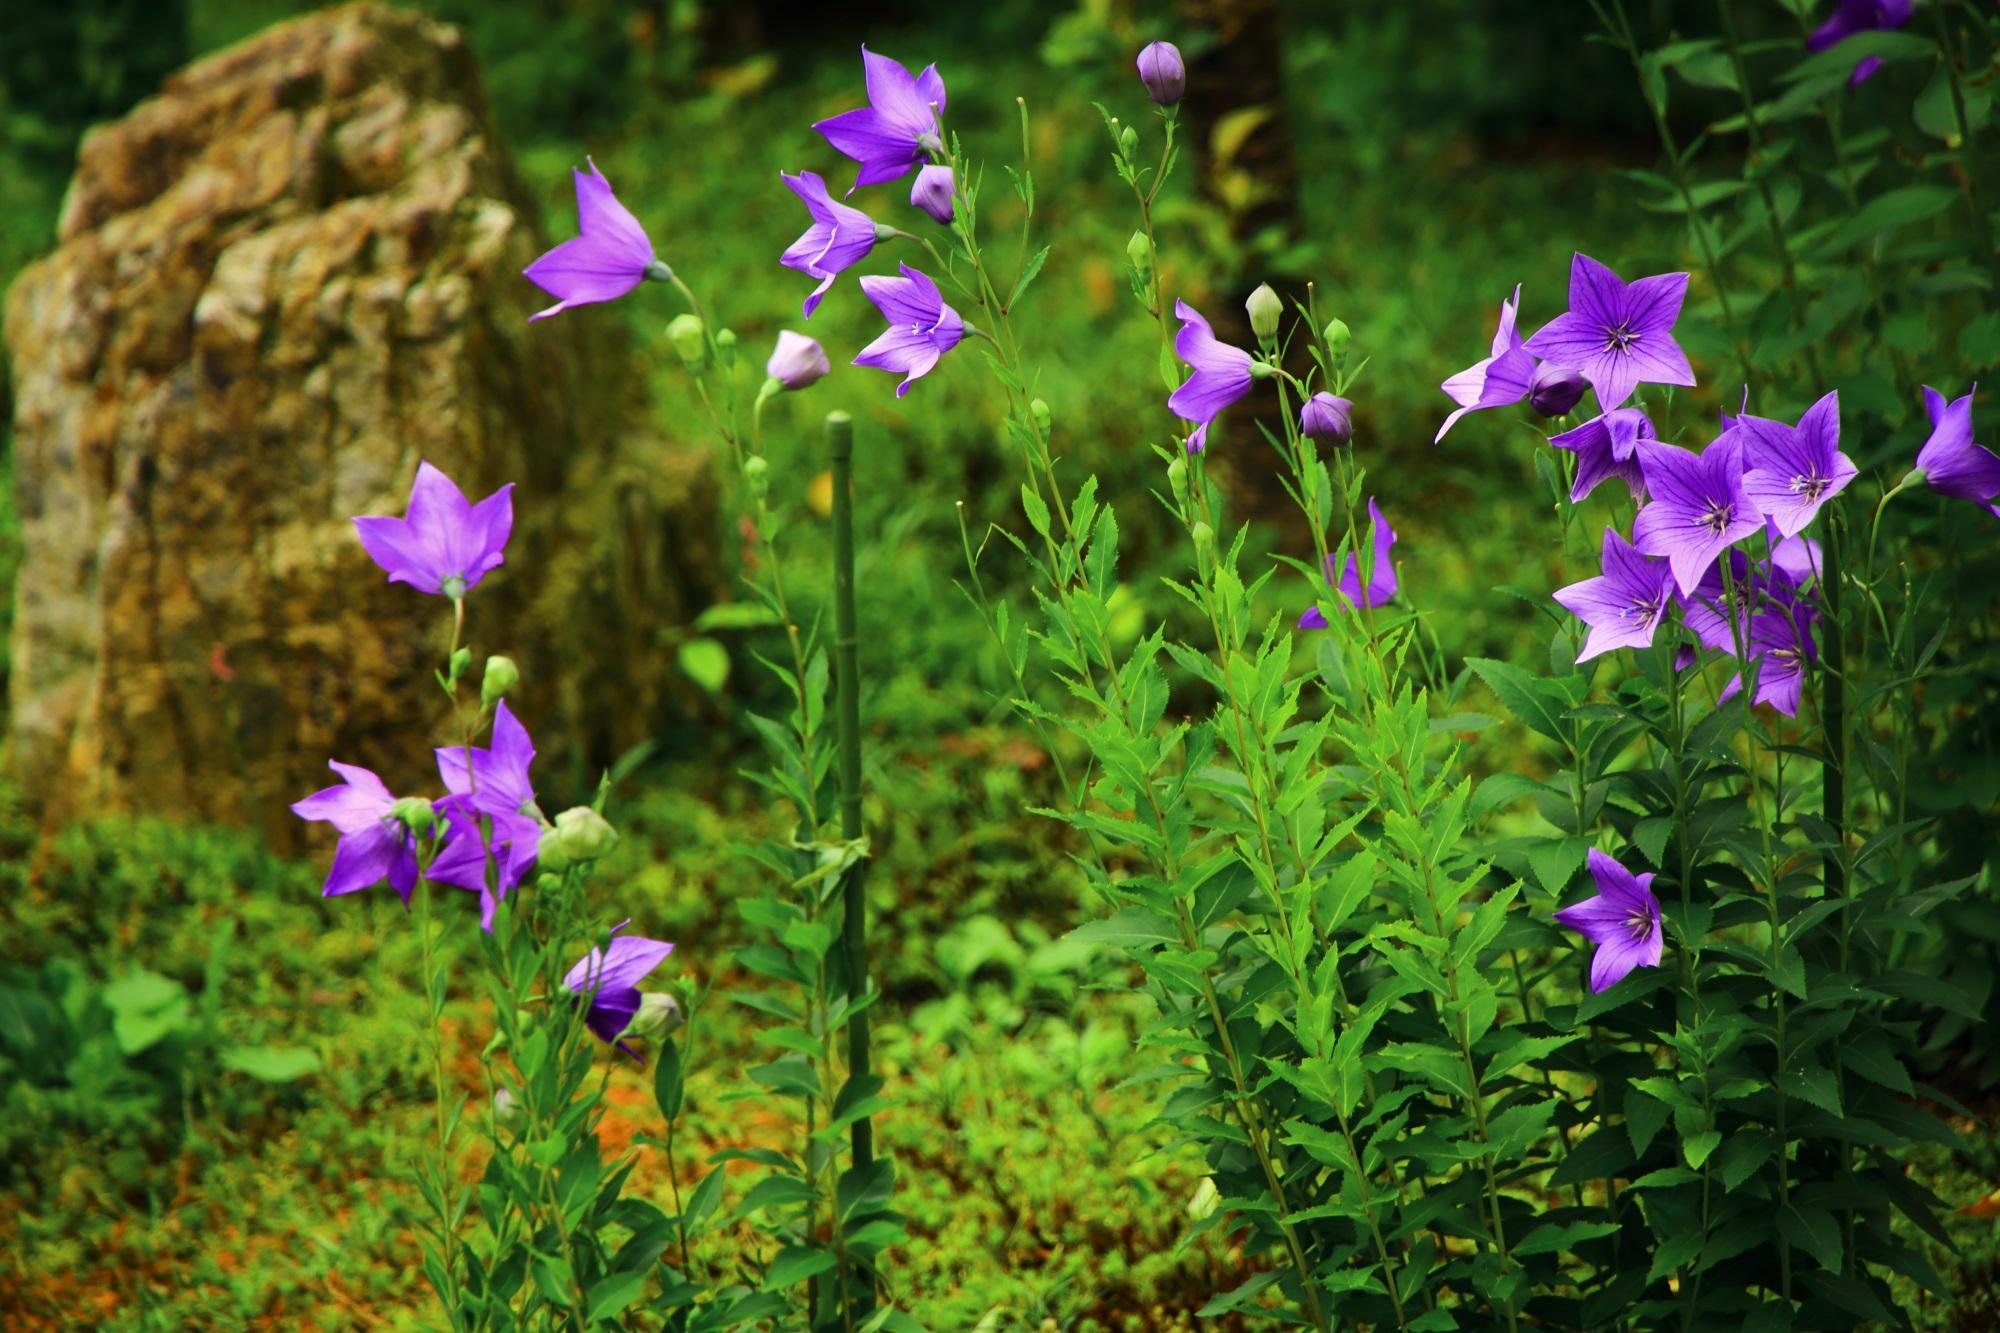 華やかさの中にも風情が感じられる桔梗の花